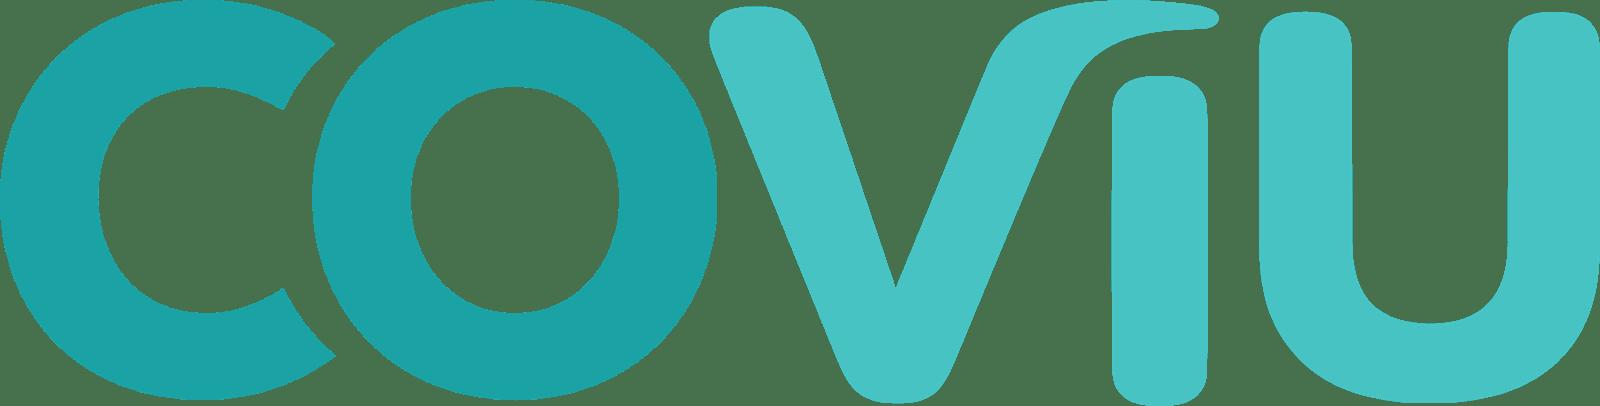 Coviu Logo